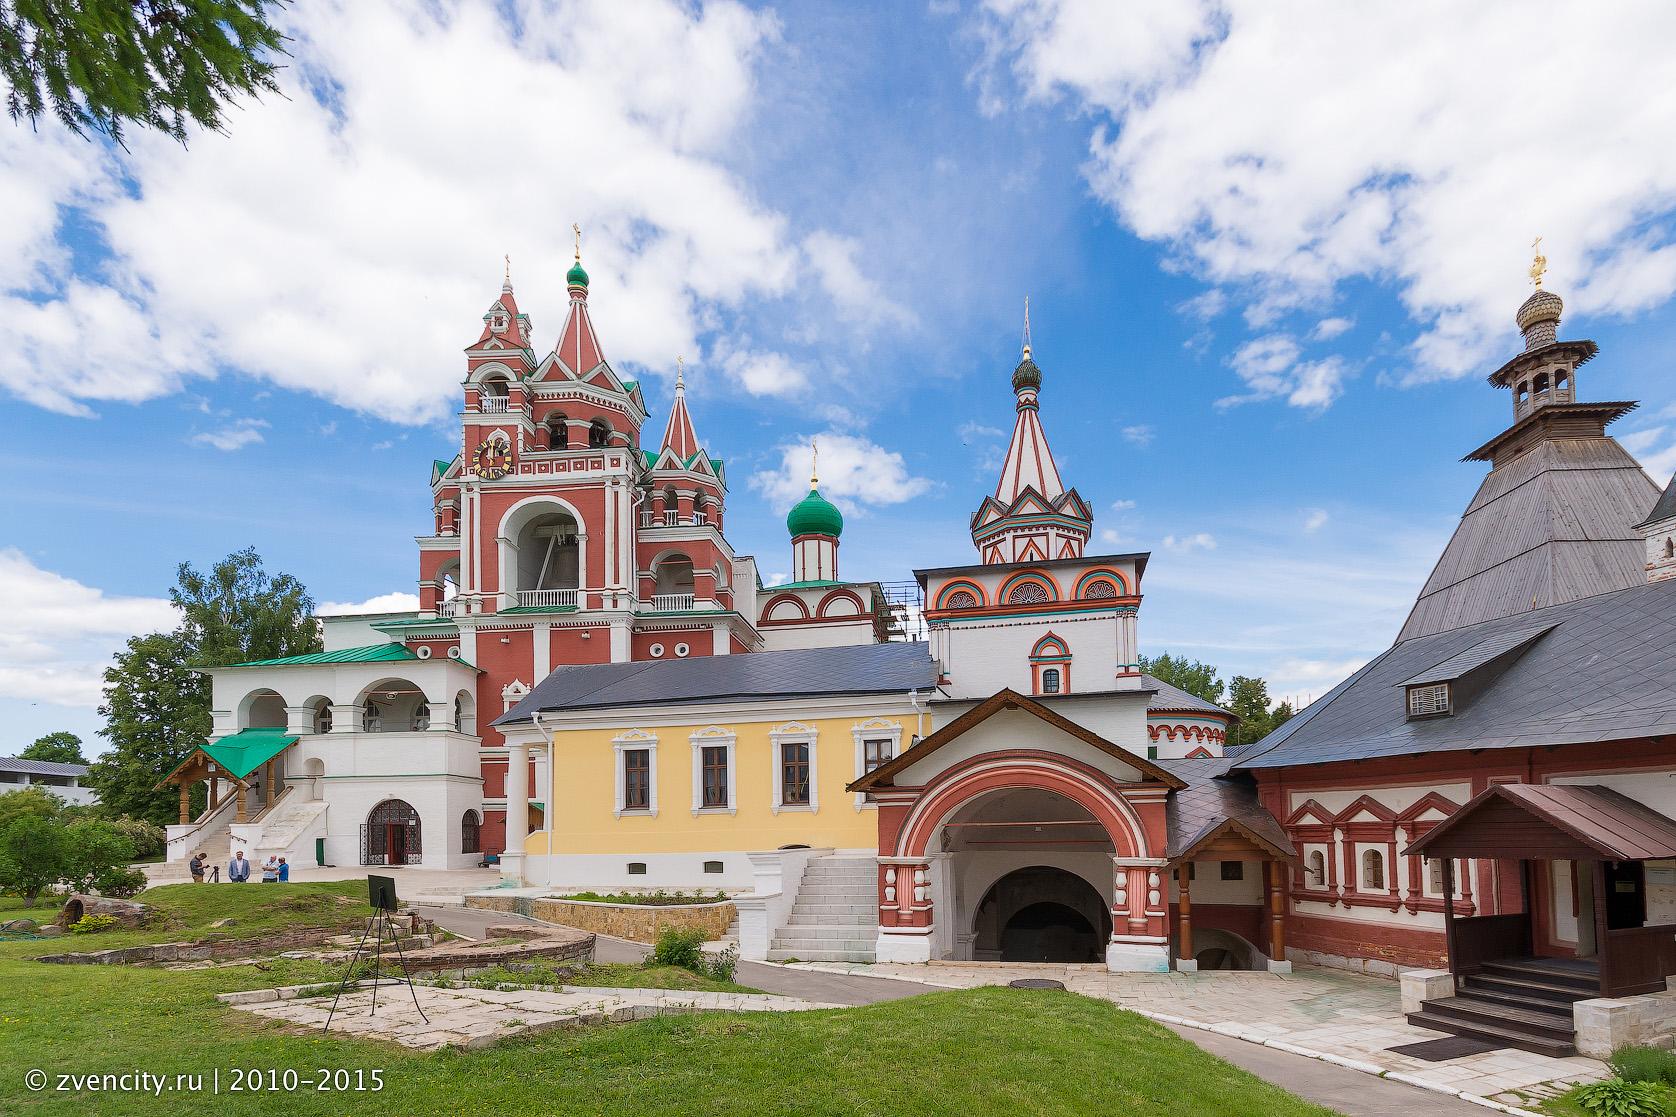 звенигород московская область фото города второе величине